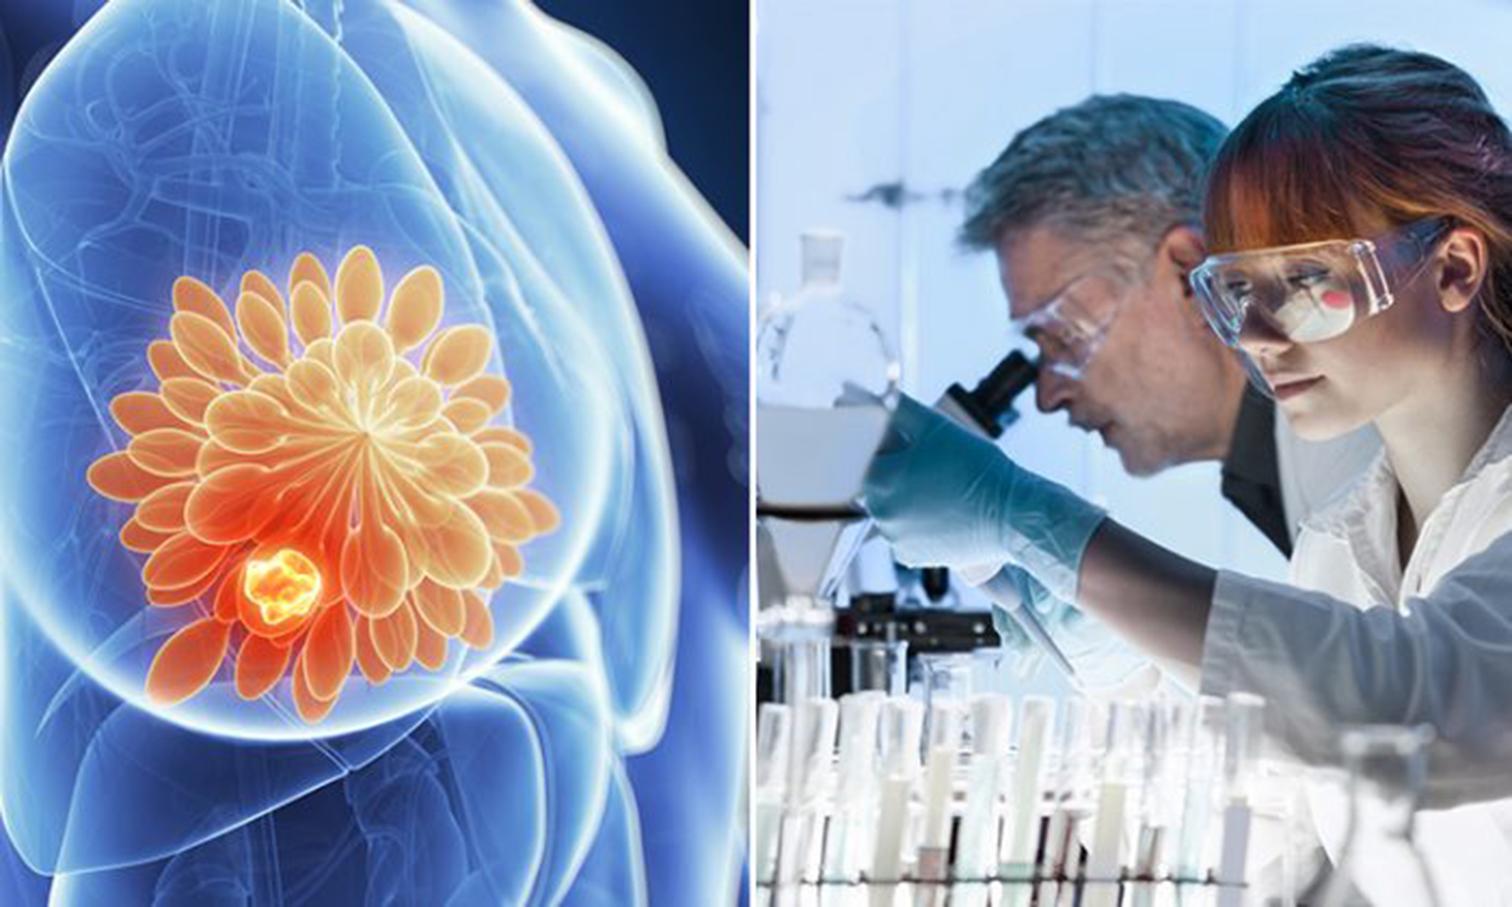 瑞士University of Basel的研究團隊發表了一項創新治療研究成果,利用癌細胞自身構成的漏洞,成功將乳腺癌細胞轉化為無害的脂肪細胞。(Illustration – Shutterstock)